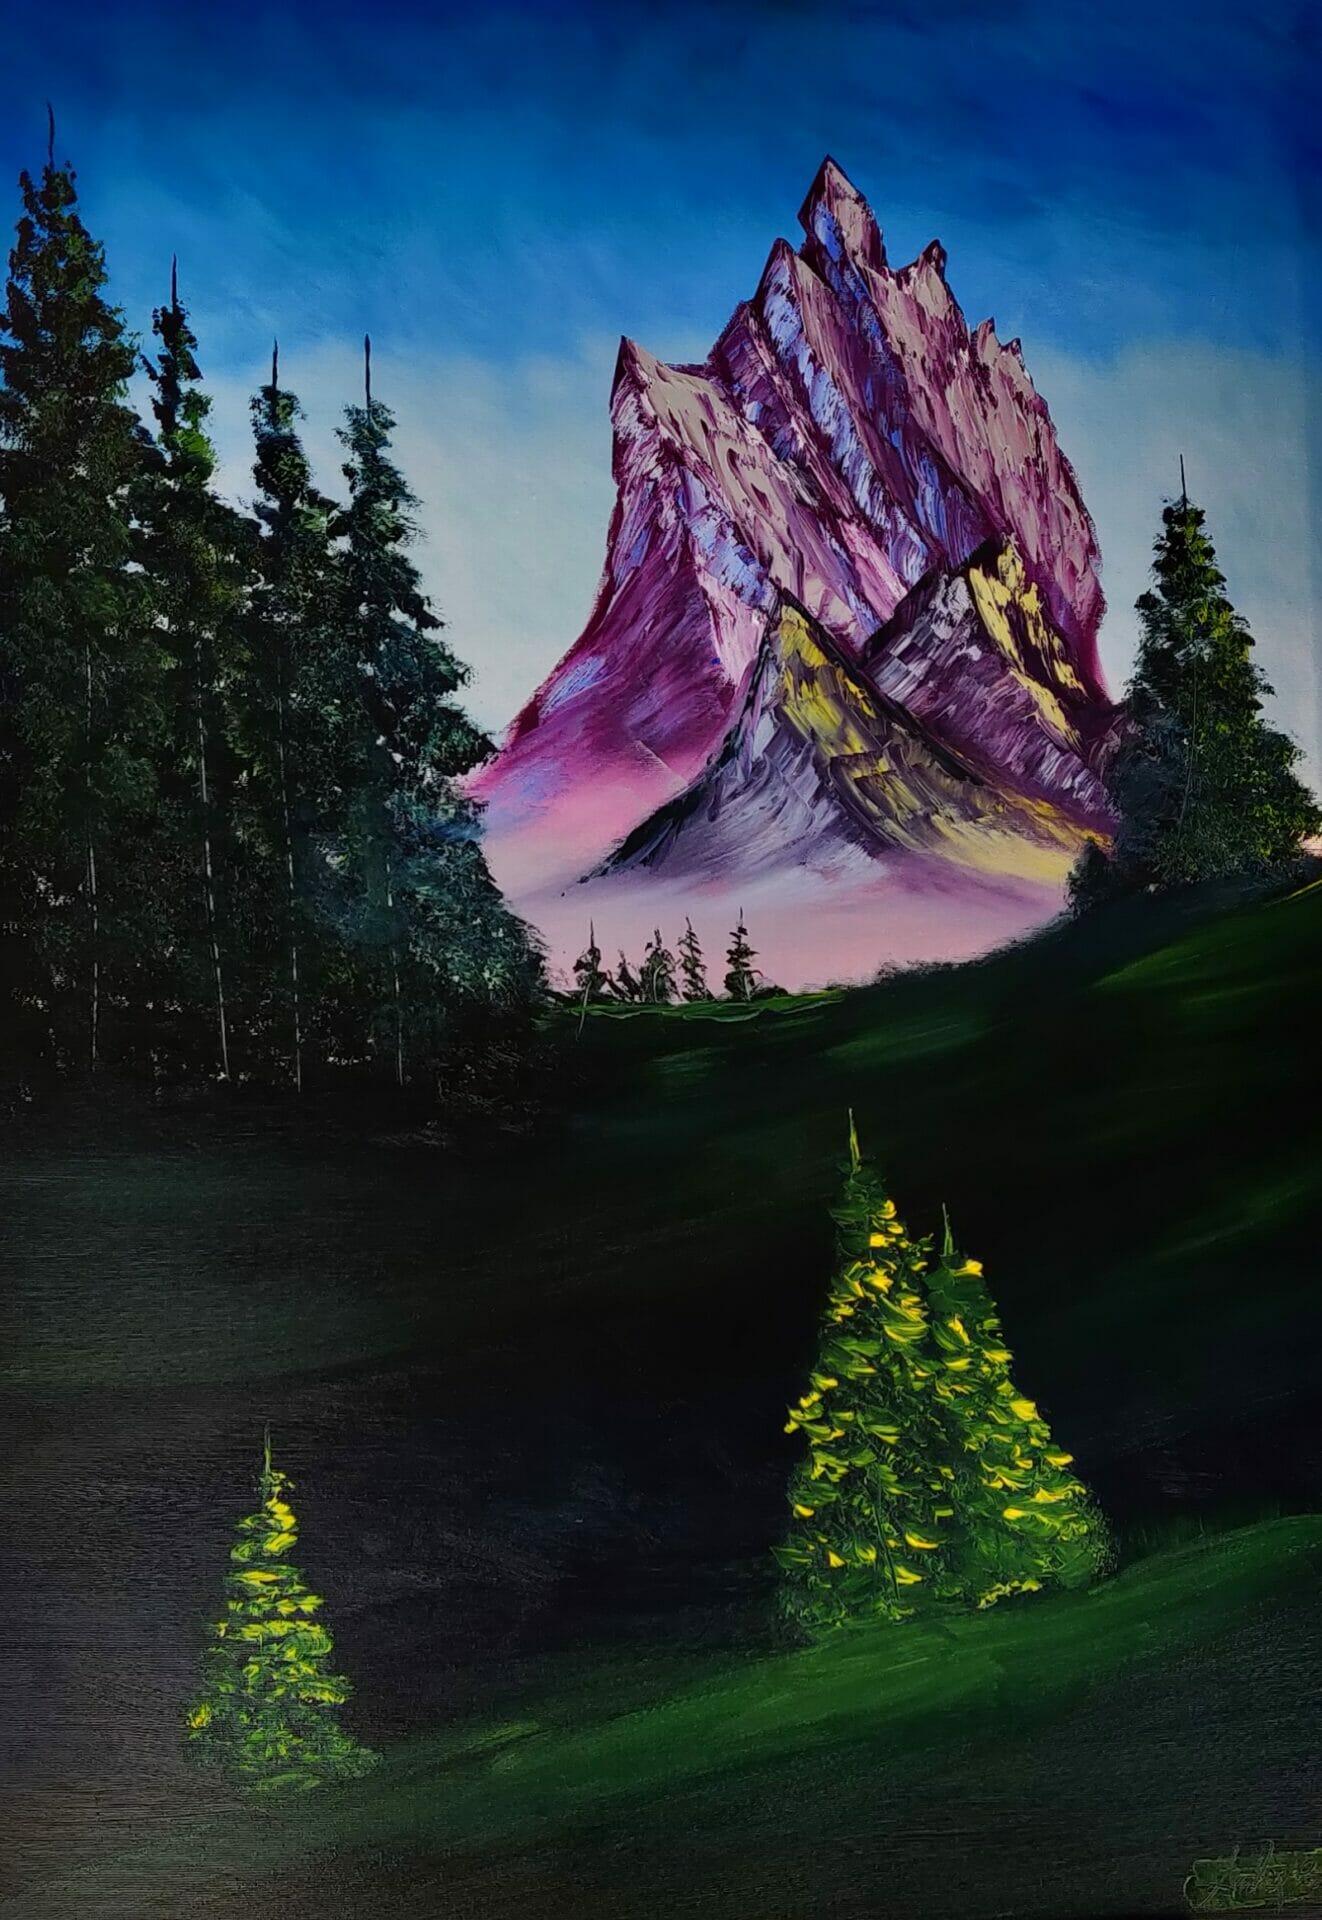 La Foresta, olio su tela 70x100 del pittore Andrea Costa di Auronzo di Cadore